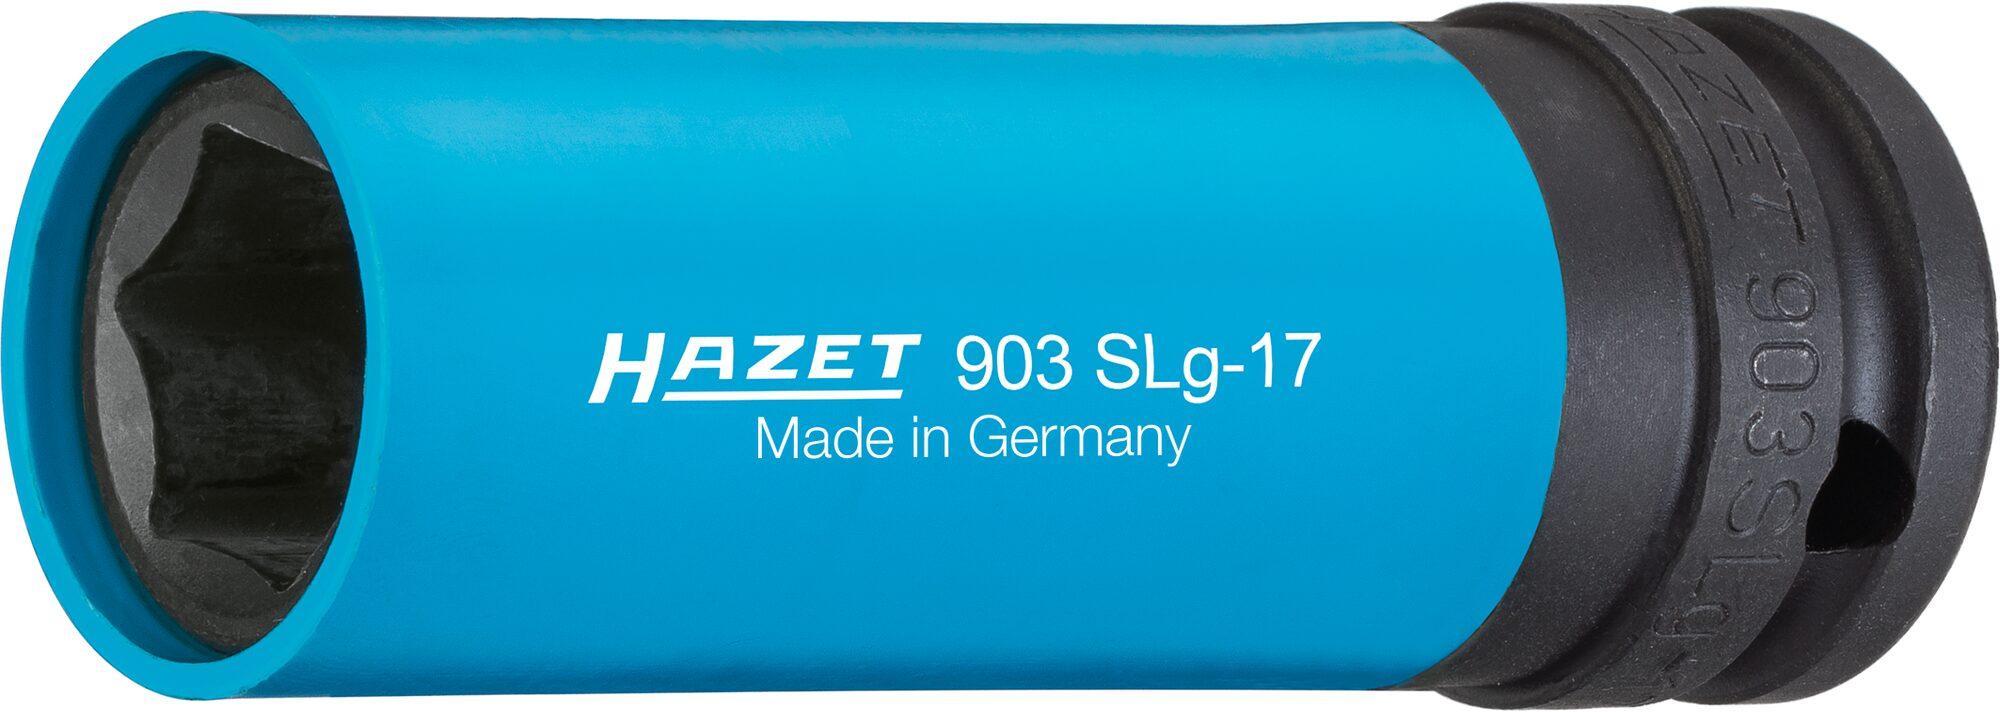 HAZET Schlag- ∙ Maschinenschrauber Steckschlüsseleinsatz ∙ Sechskant 903SLG-17 ∙ Vierkant hohl 12,5 mm (1/2 Zoll)